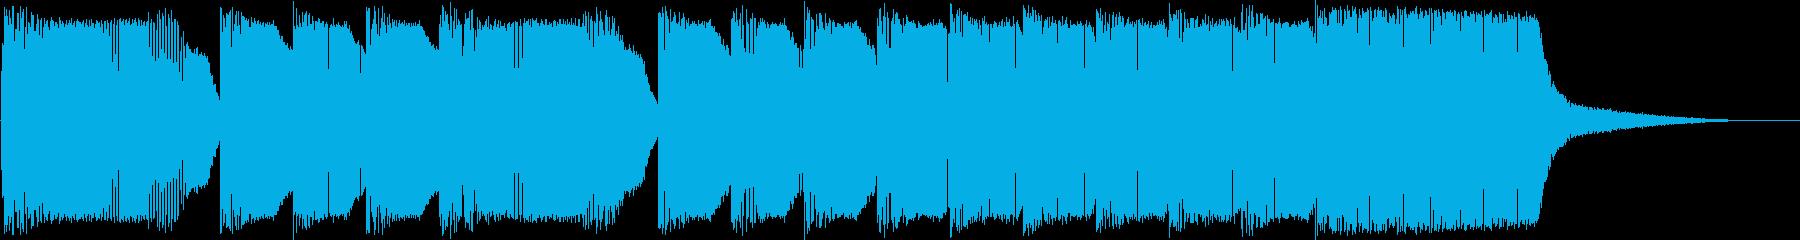 レトロゲーム ラウンドクリアー風ジングルの再生済みの波形